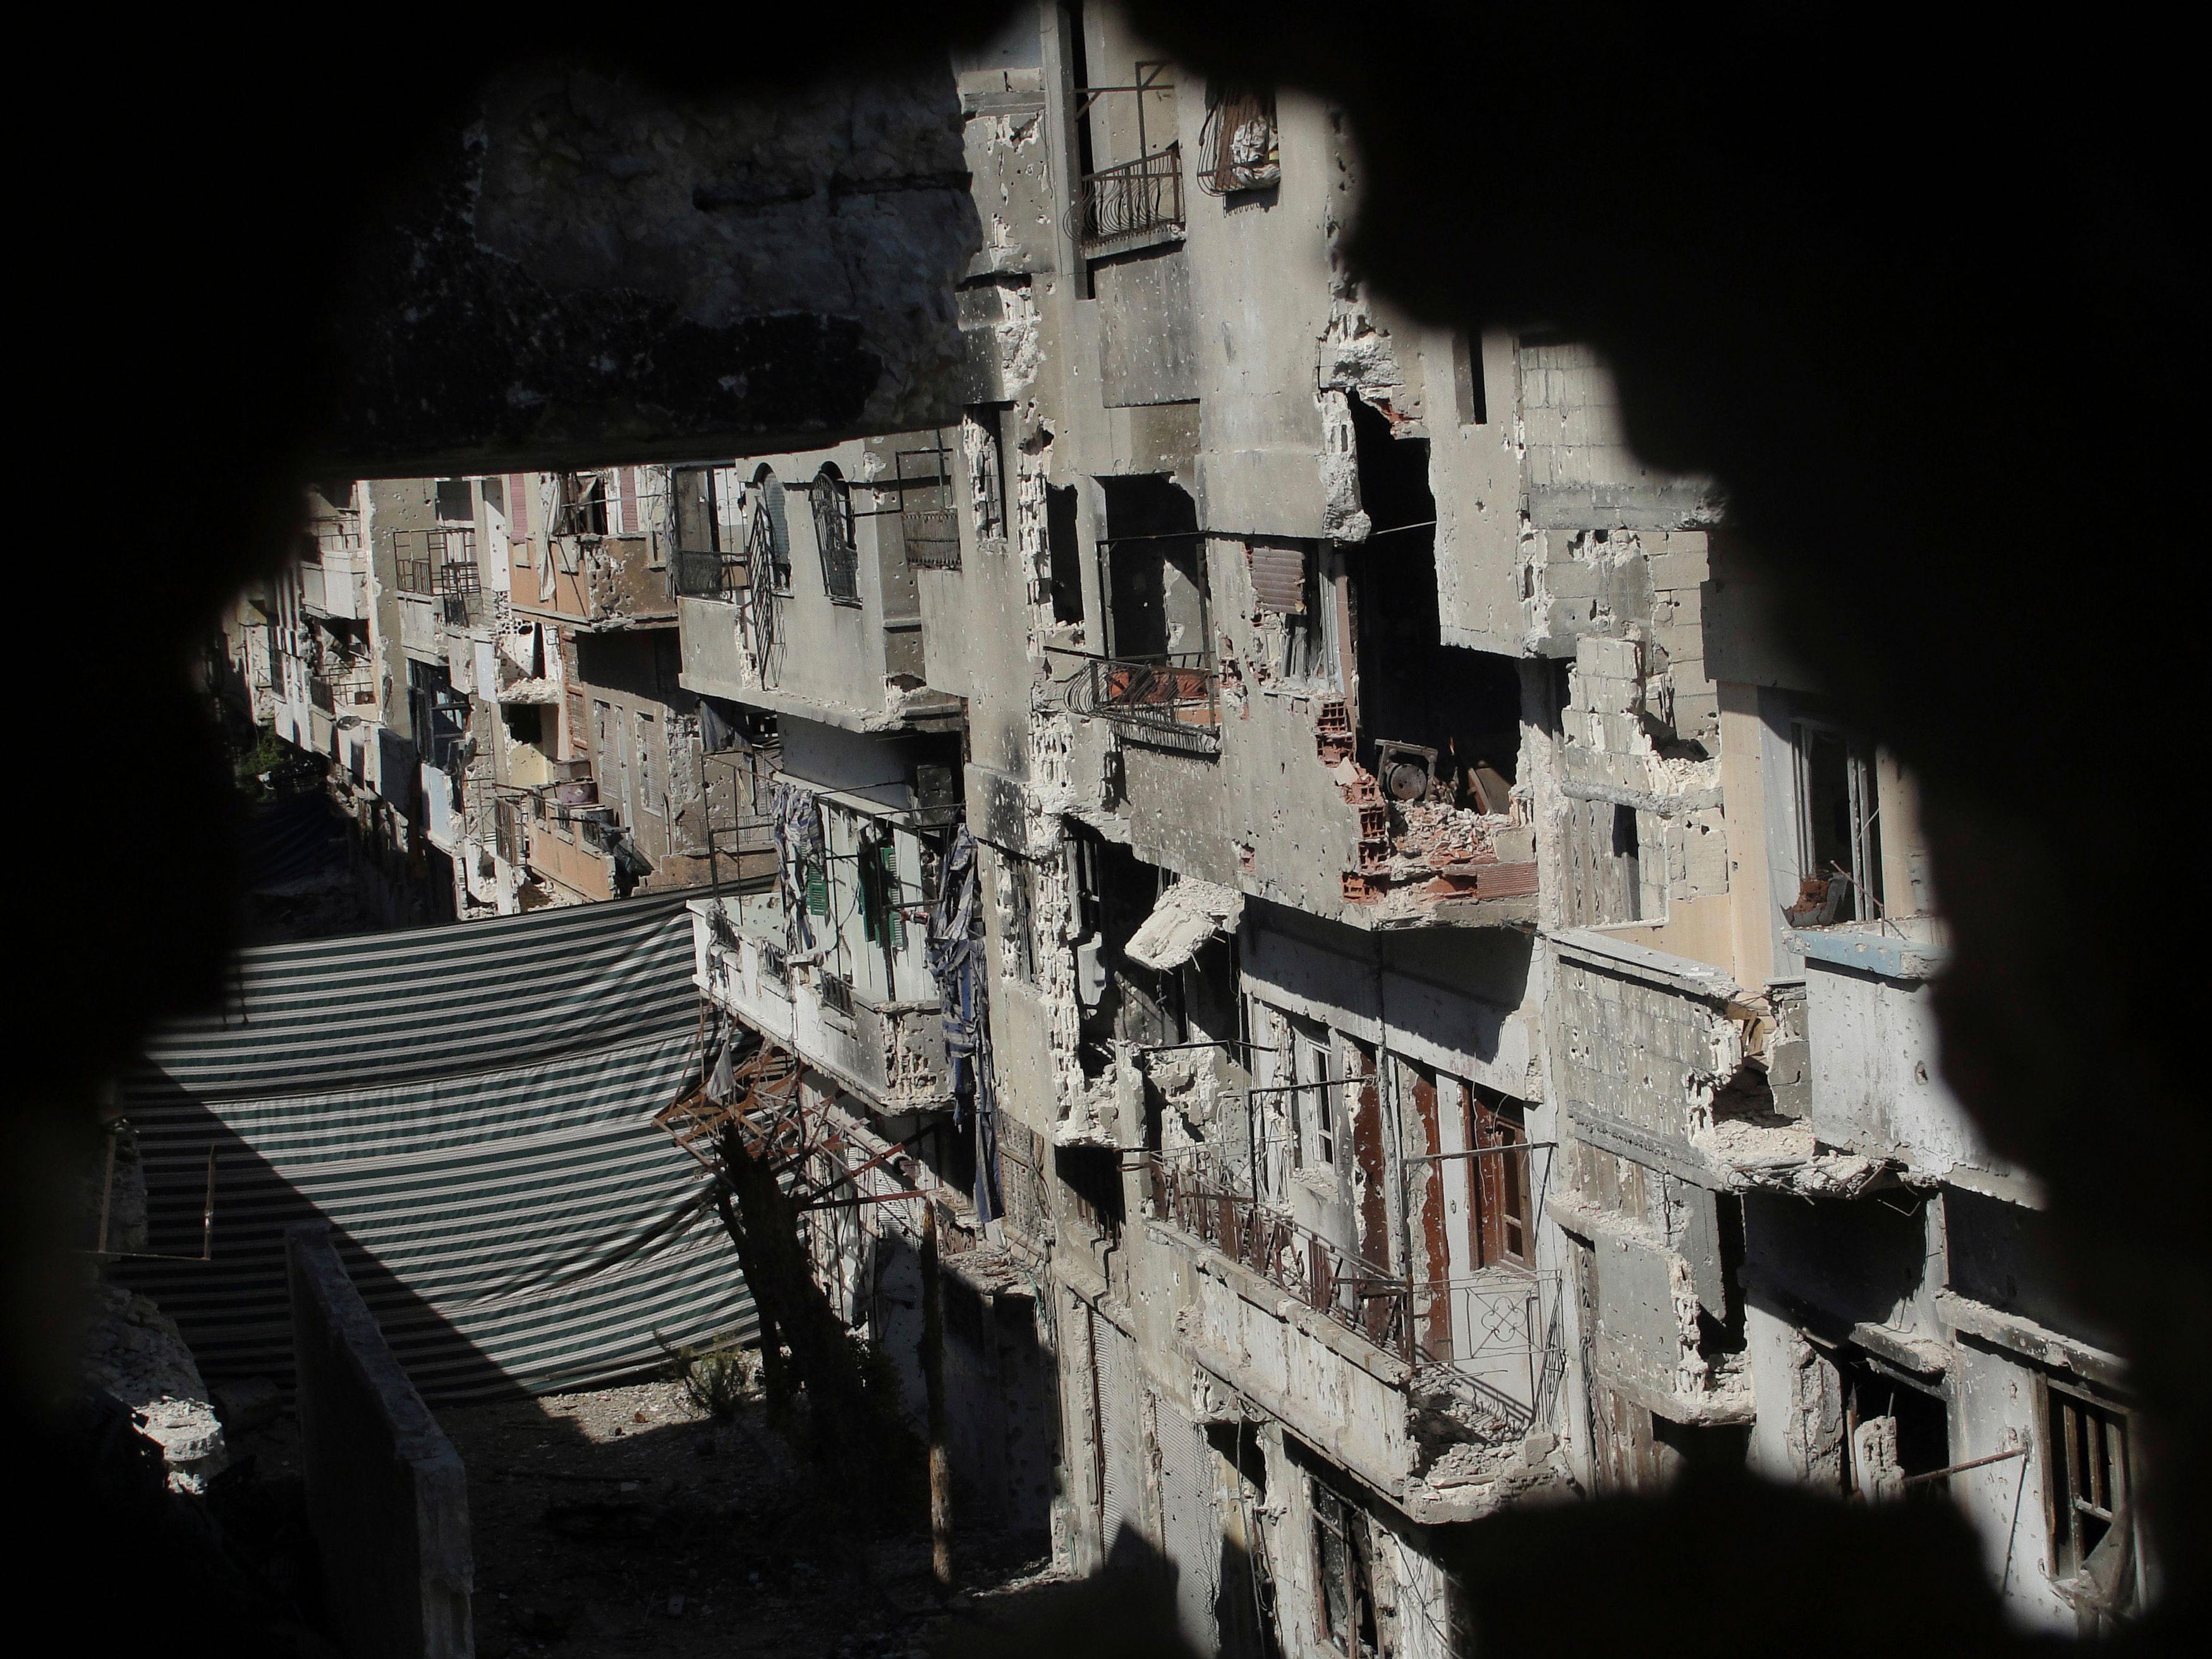 Syrie : un hôpital soutenu par MSF a été bombardé, 9 personnes seraient mortes